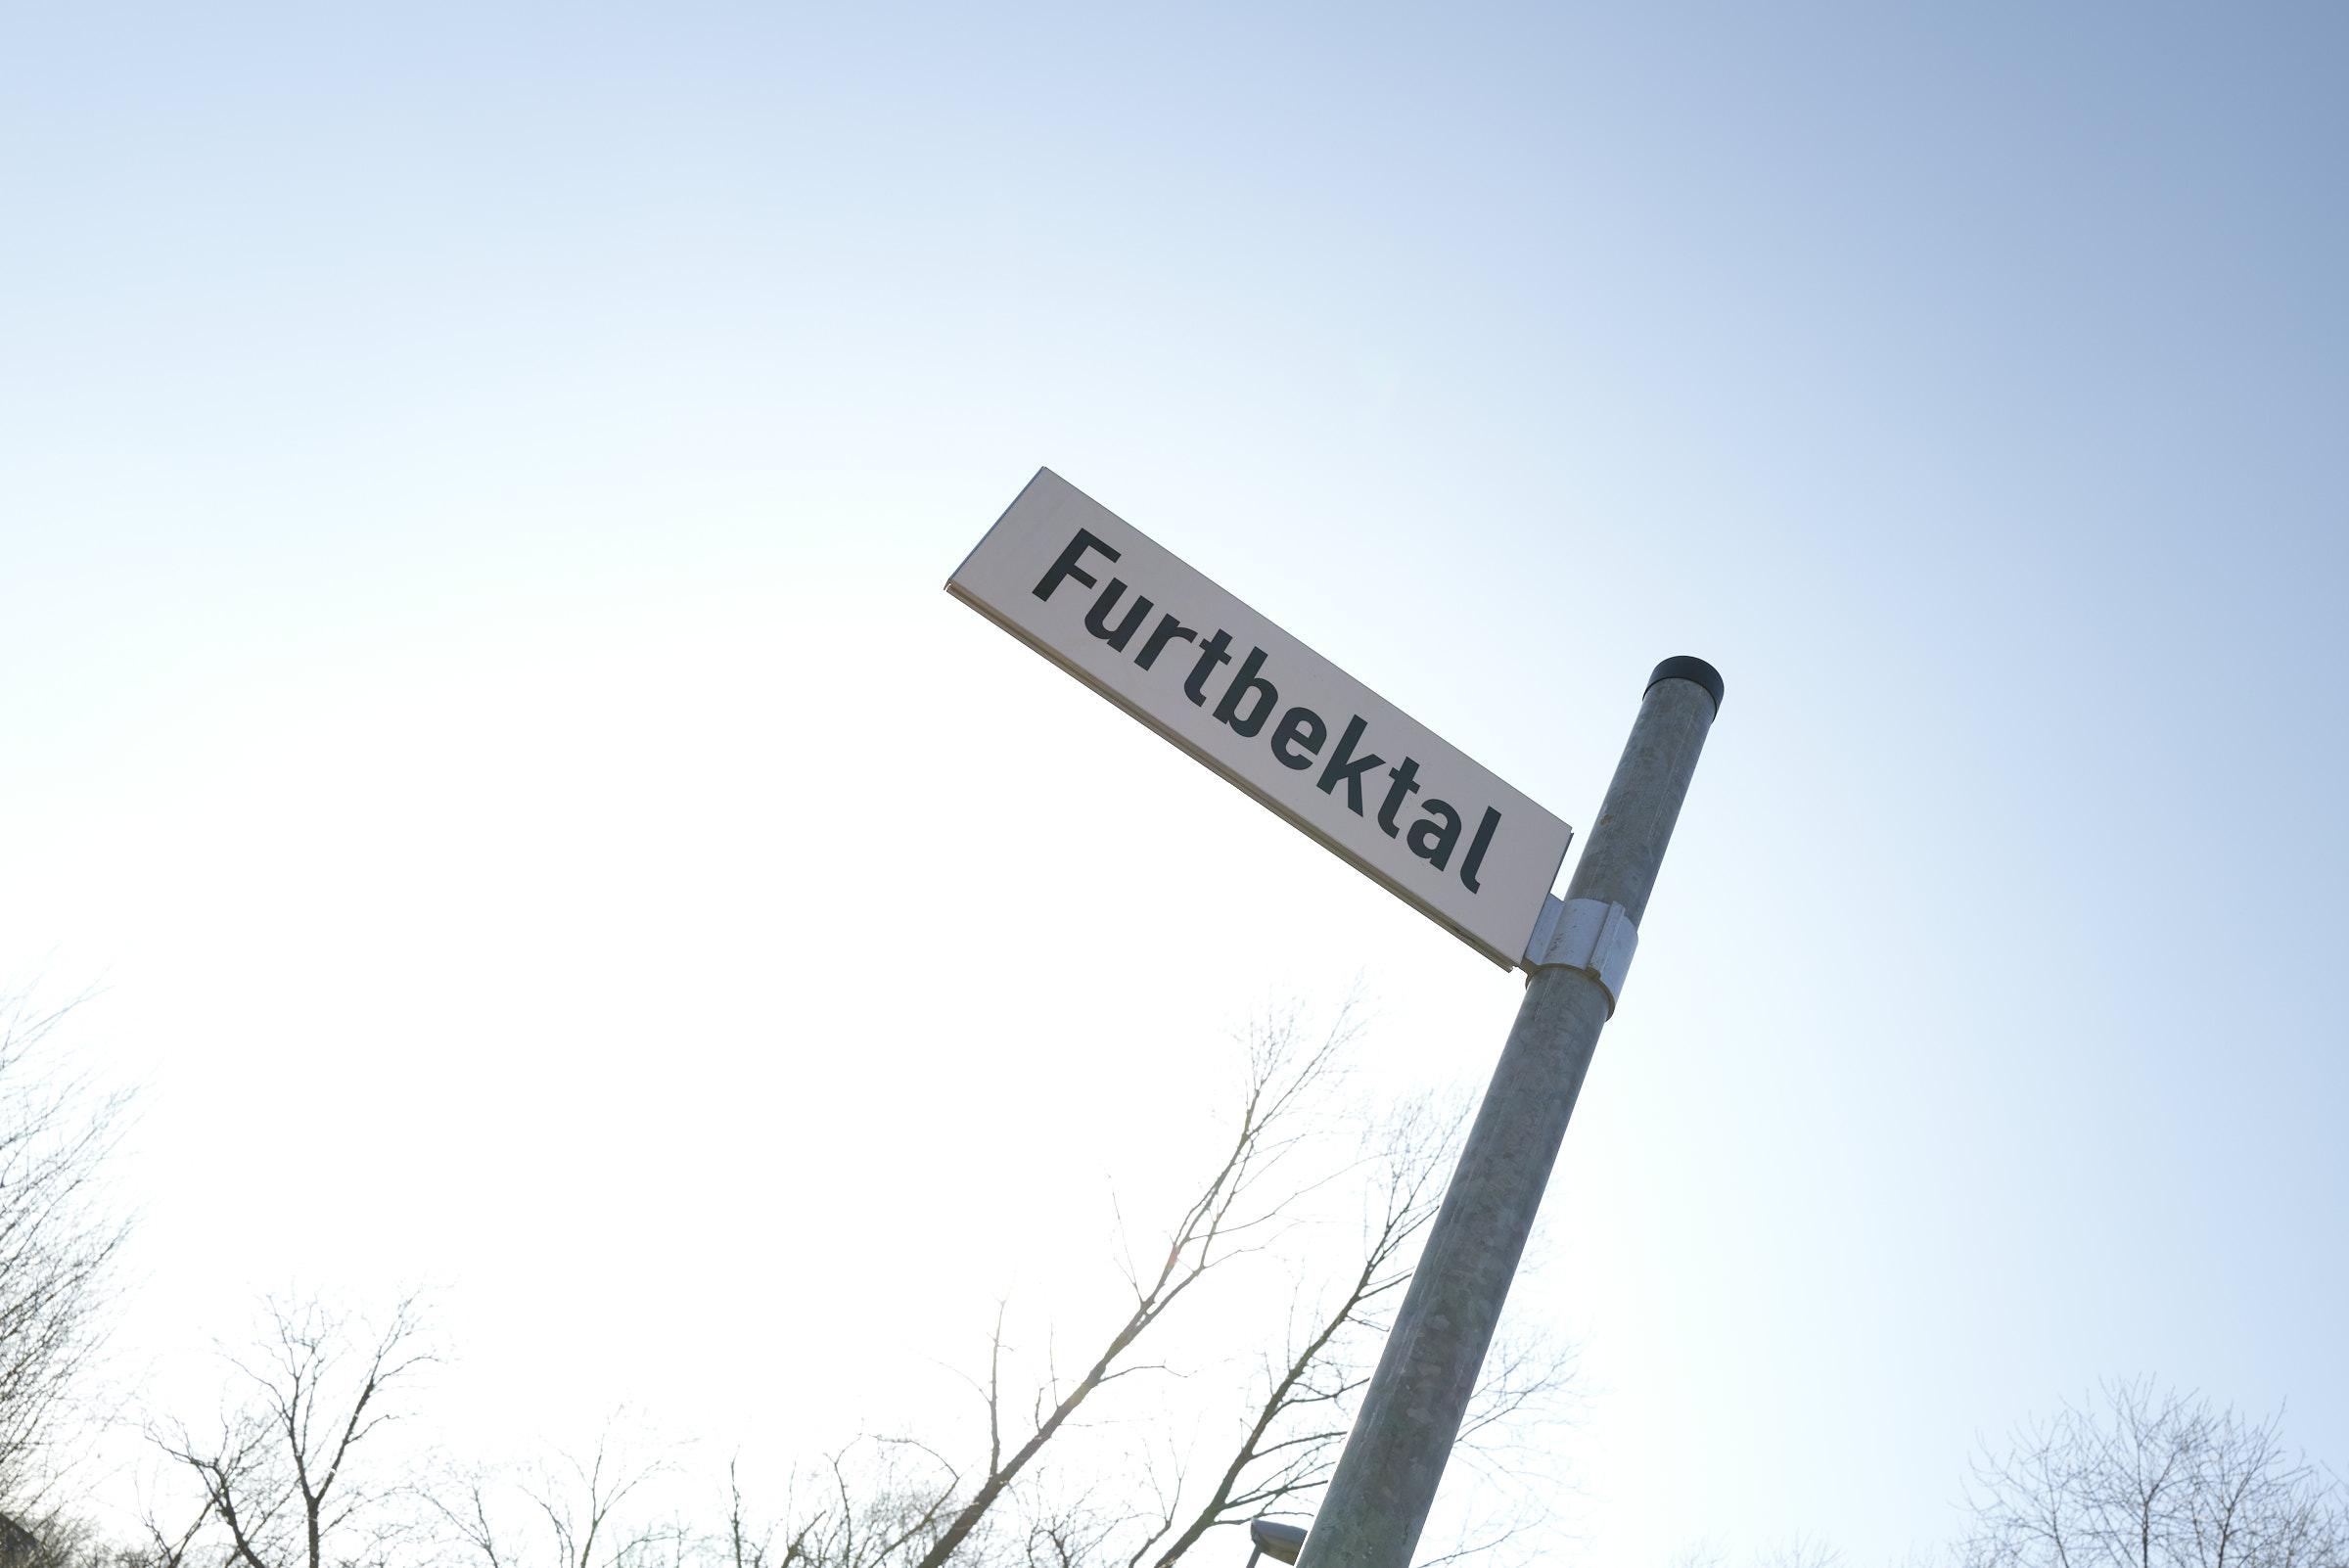 Furtbektal_2